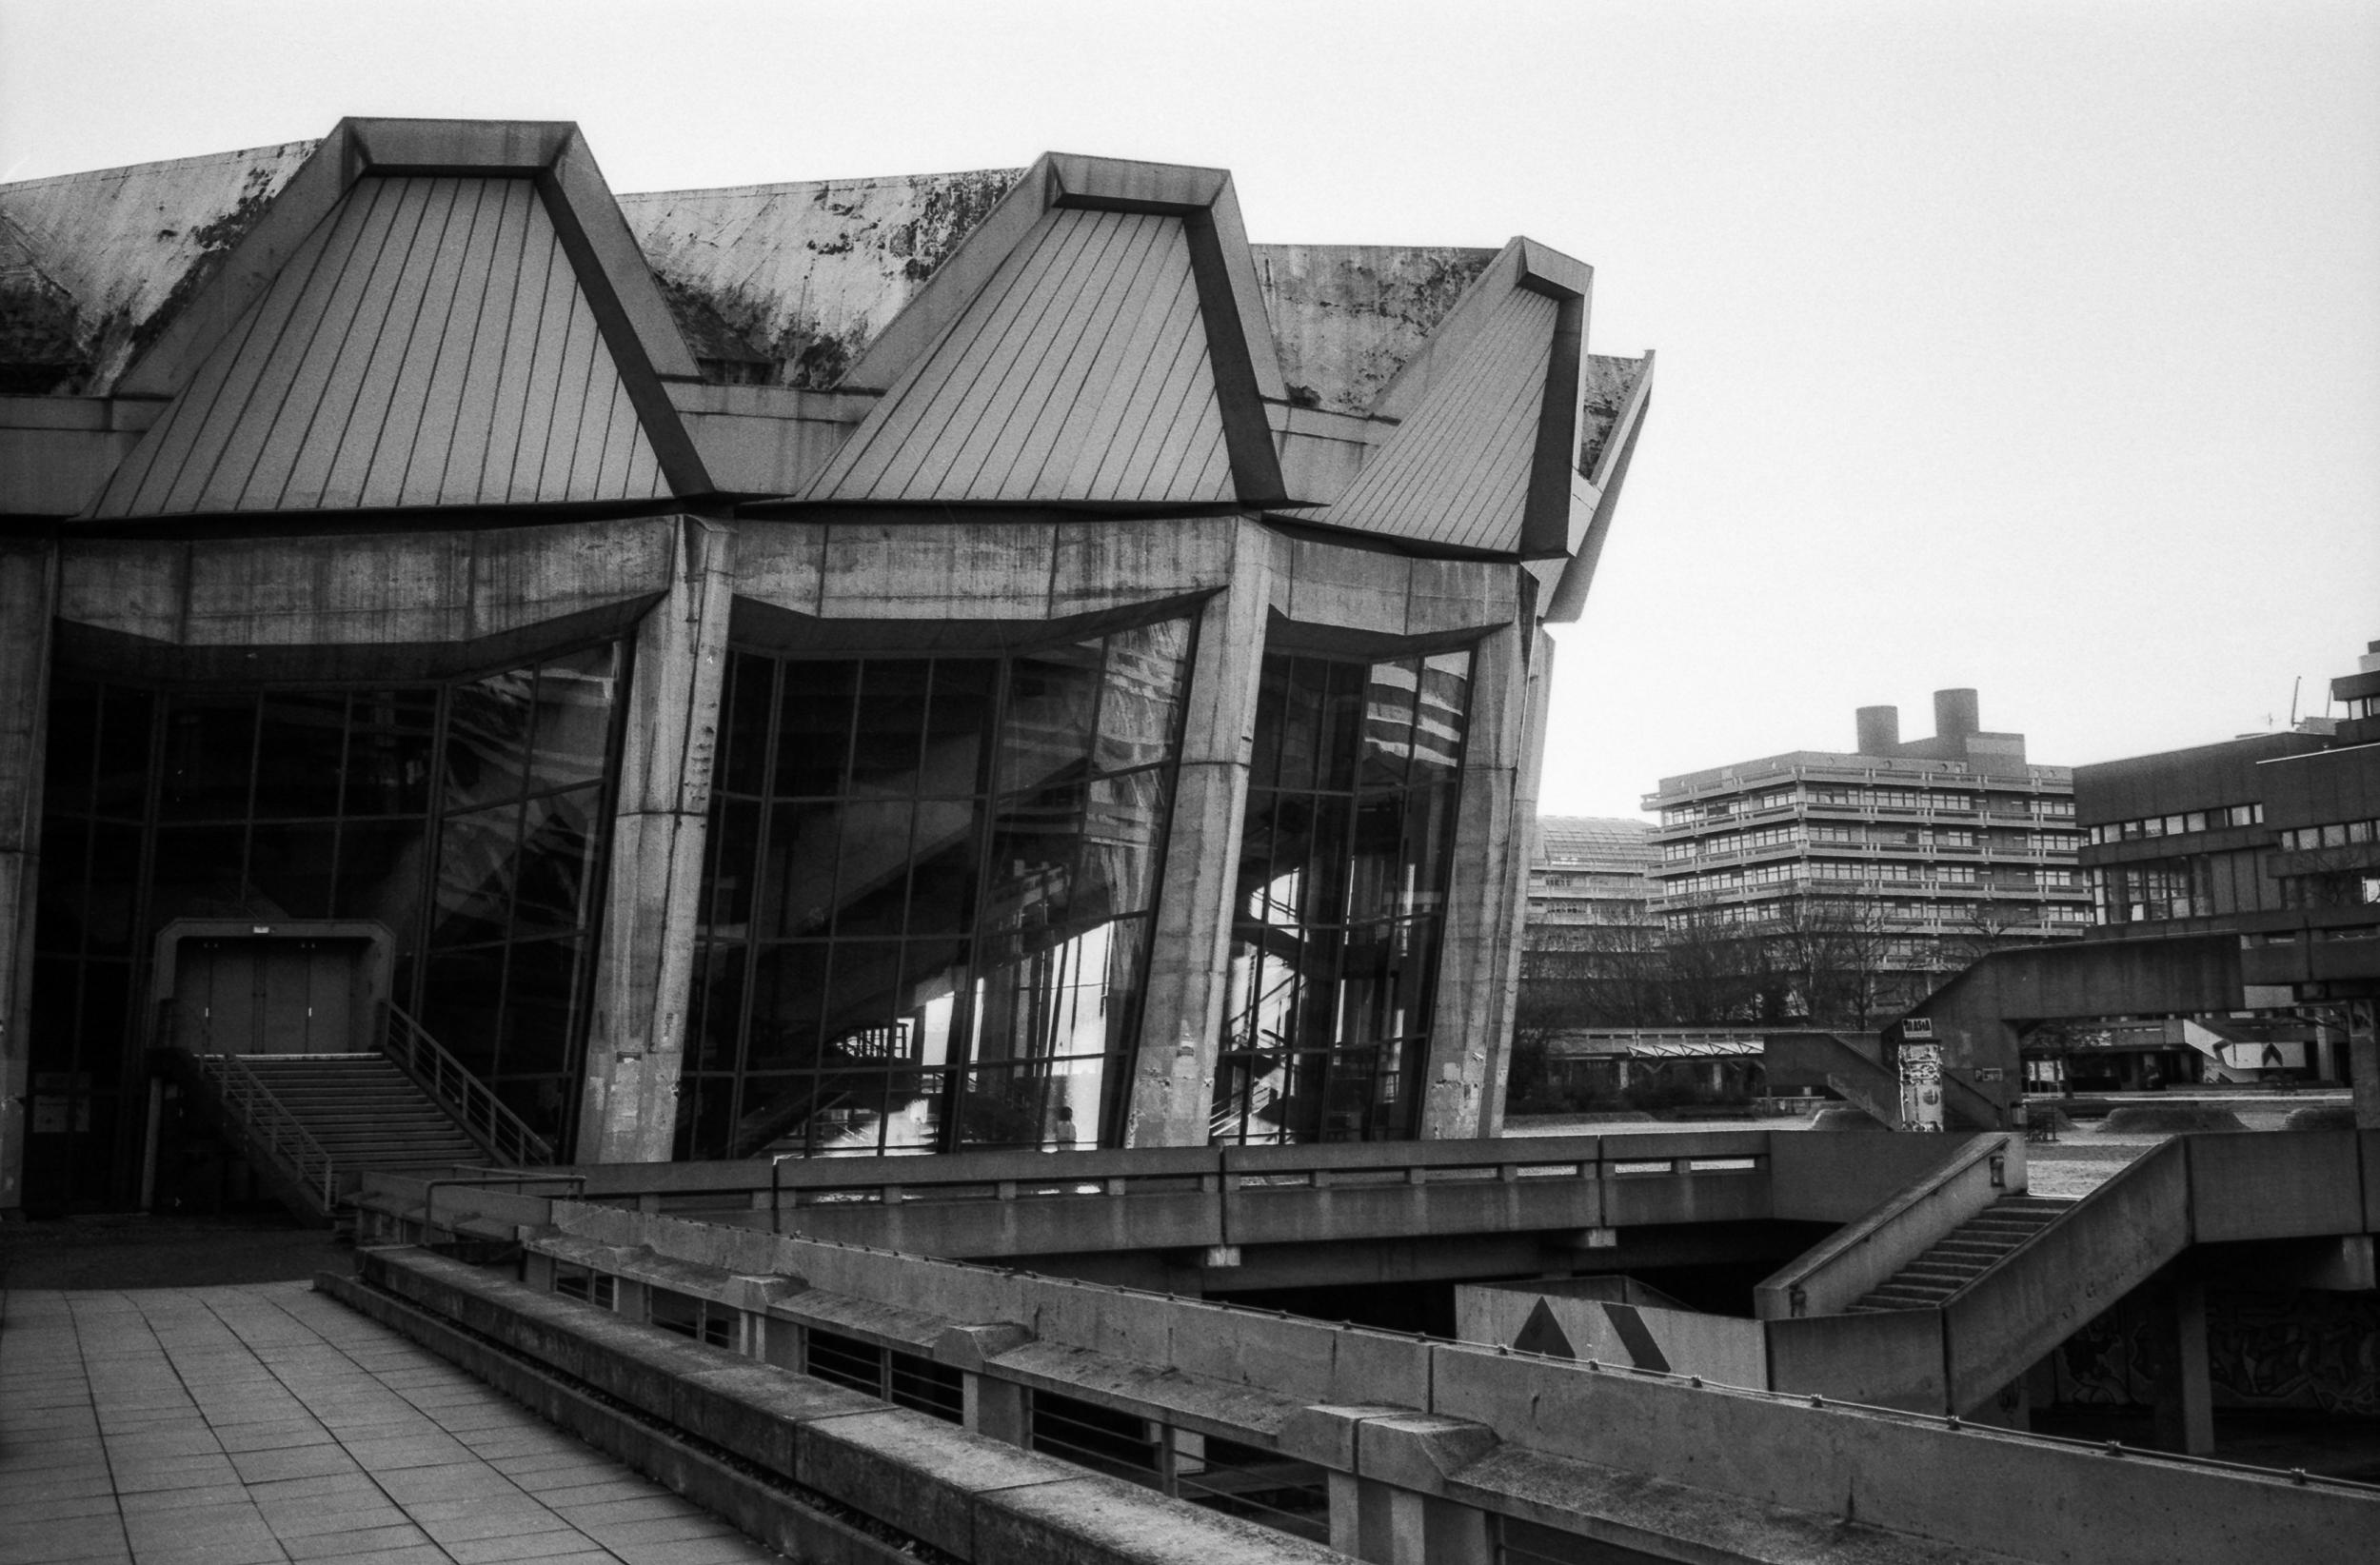 Ruhruniversität_20180327_0008_2500px.jpg